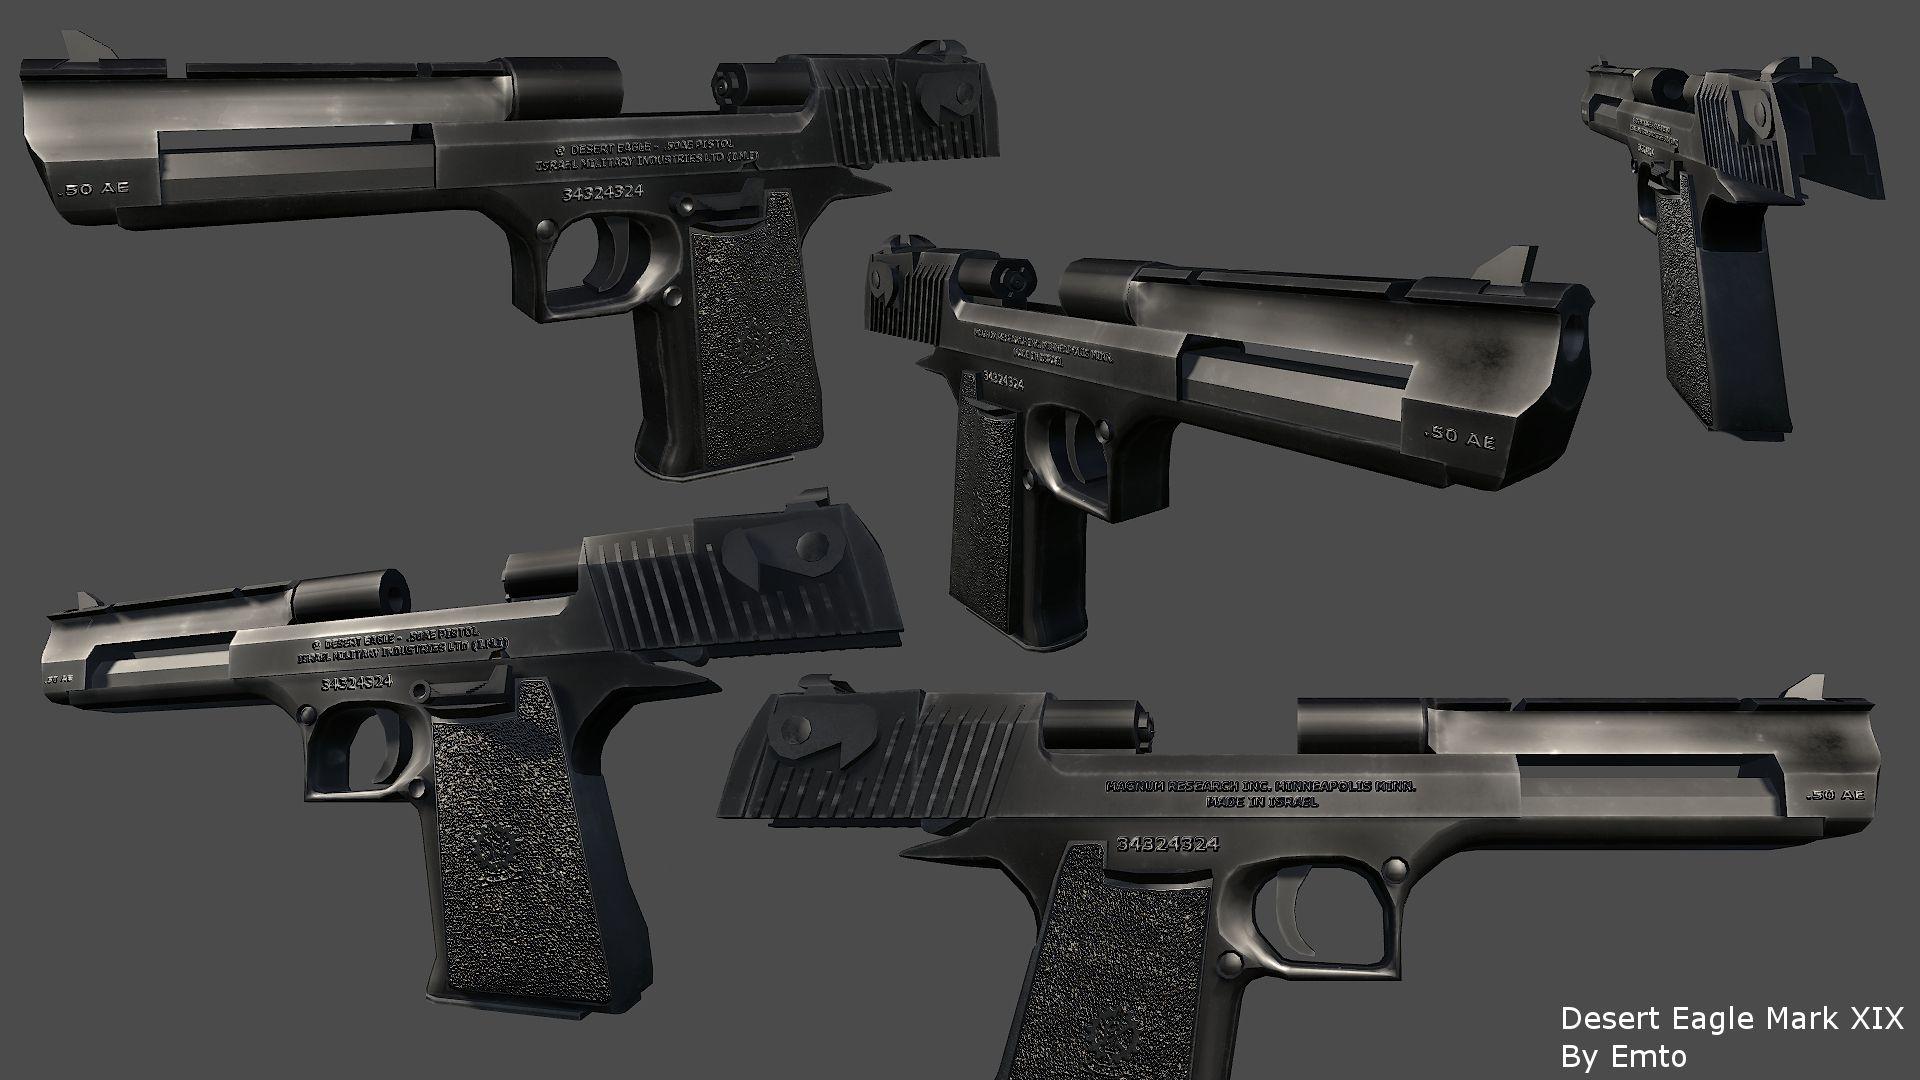 Wallpaper Backgrounds Desert Eagle Gun HD Wallpapers 1920x1080 Pistol